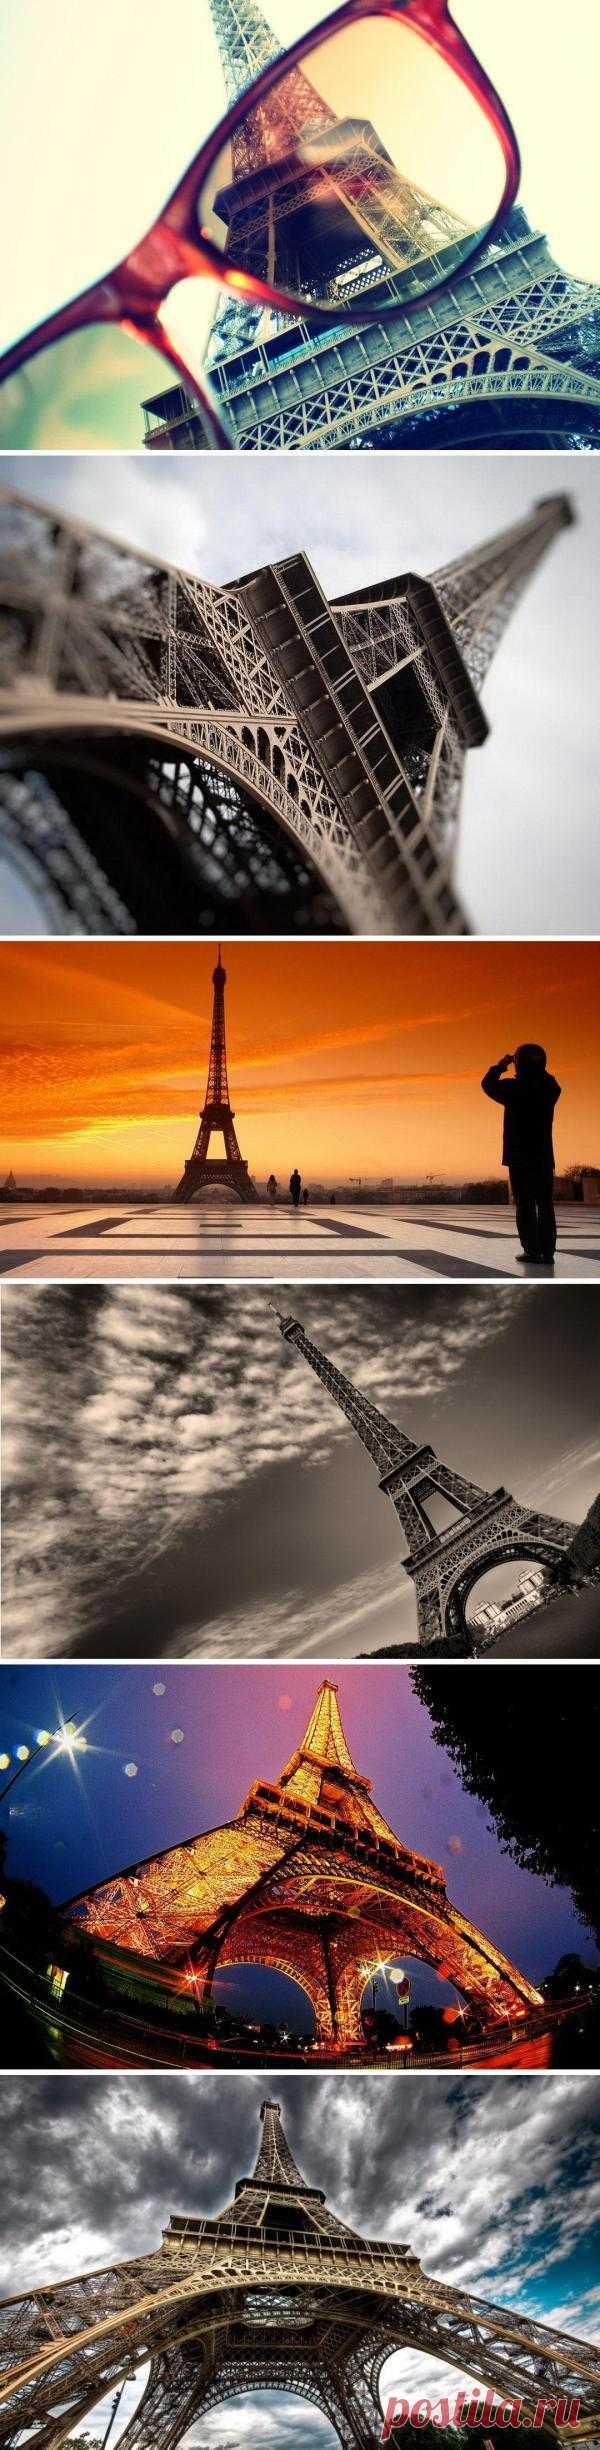 Создавая свою башню, французский инженер Густав Эйфель, не мог предположить, что она простоит более ста лет. Изначально этот проект был рассчитан лет на 20 и строился исключительно как экспонат для очередной Всемирной Выставки 1889 года. ЭЙФЕЛЕВА БАШНЯ, ПАРИЖ